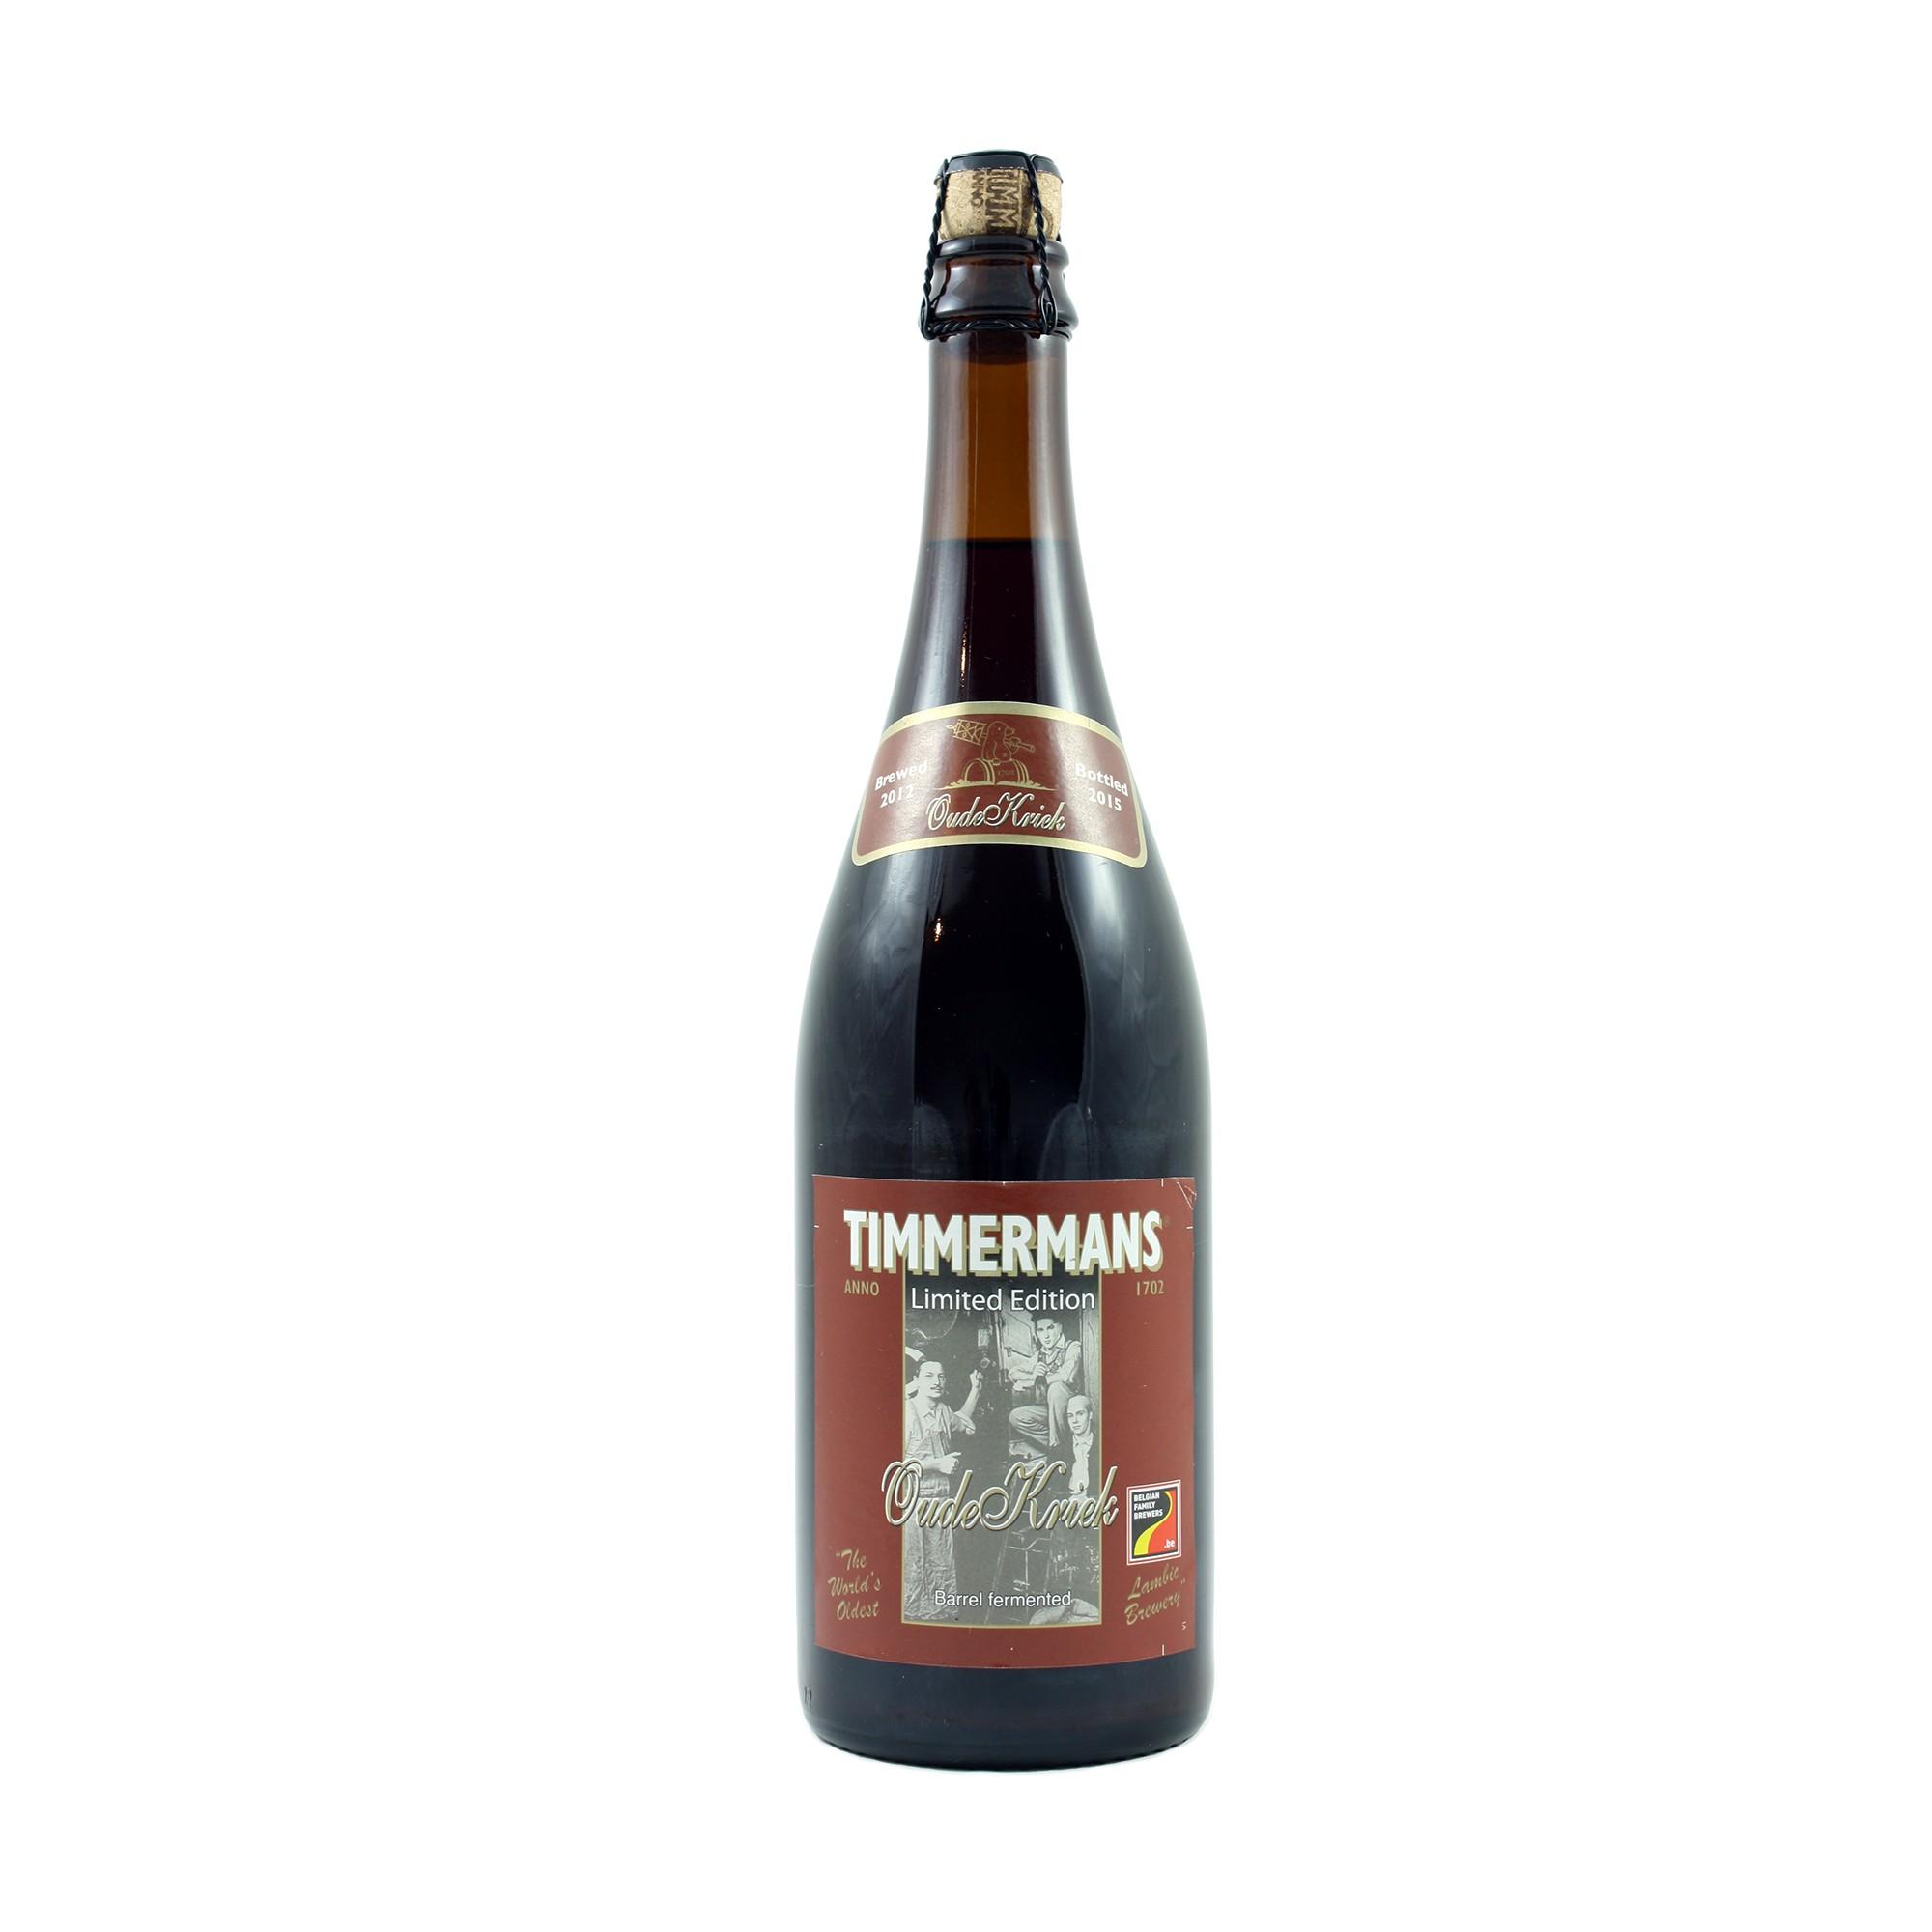 Timmermans Oude Kriek 75 cl